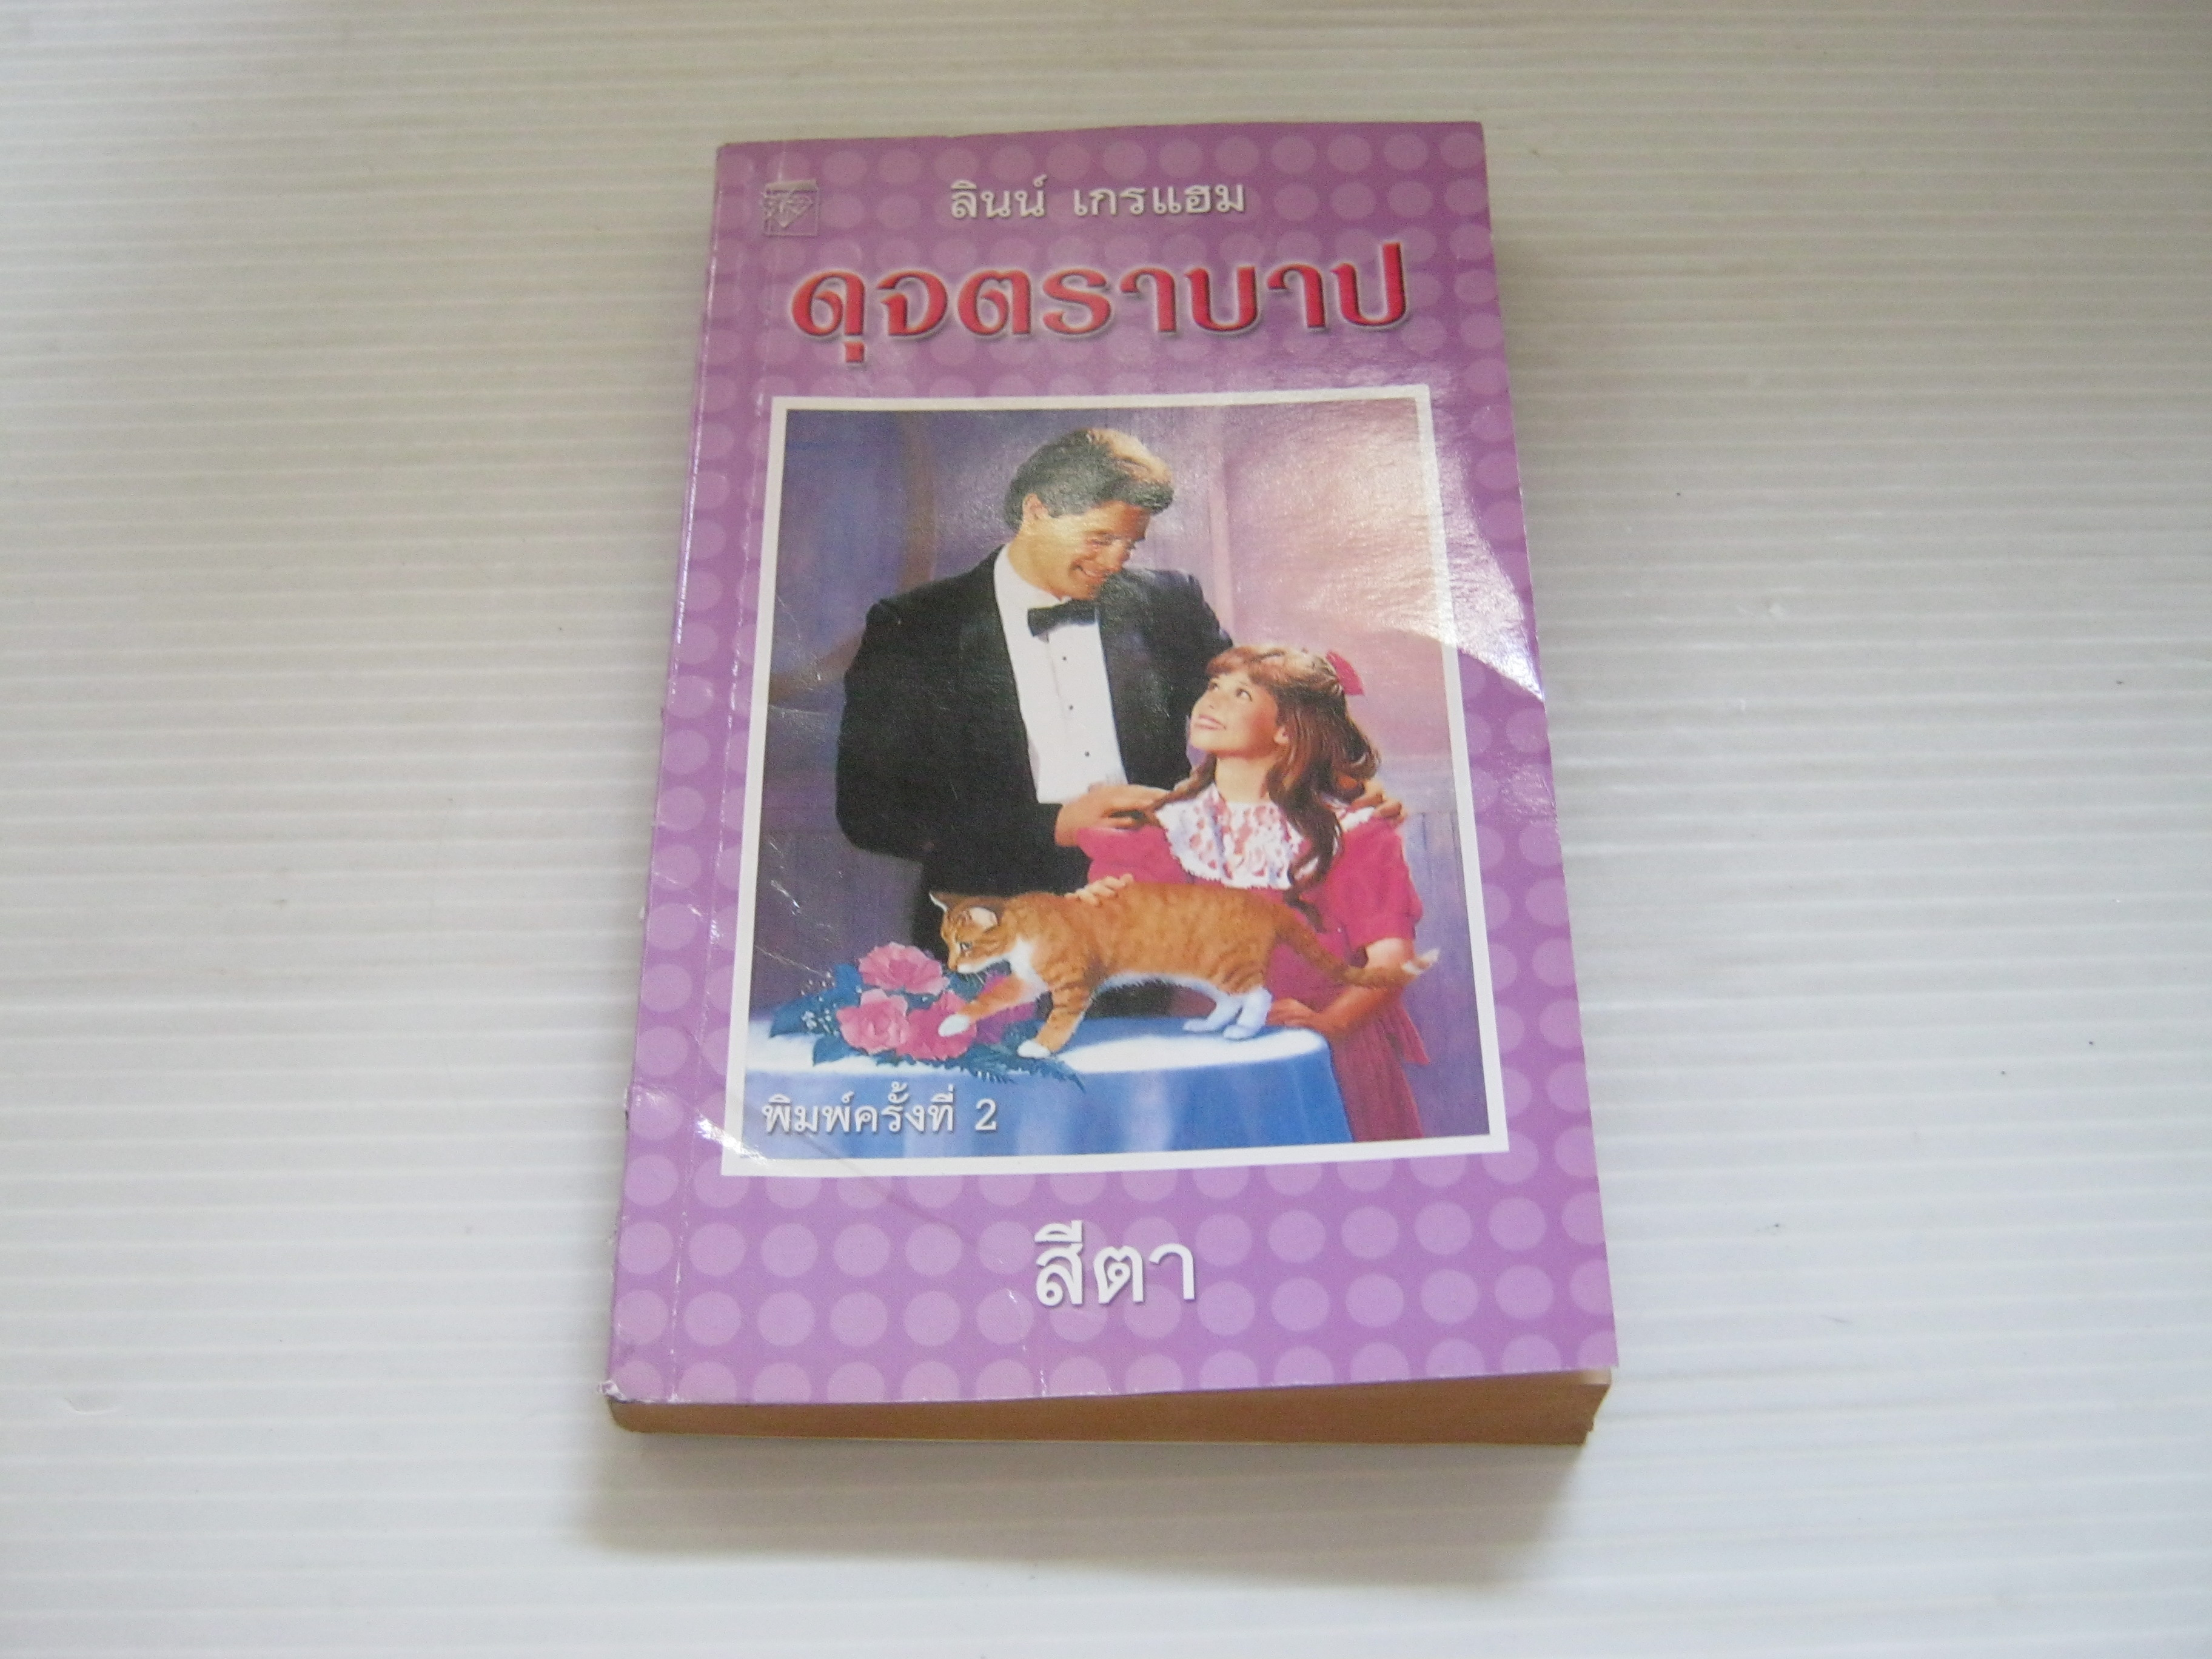 ดุจตราบาป พิมพ์ครั้งที่ 2 ลินน์ เกรแฮม เขียน สีตา แปล